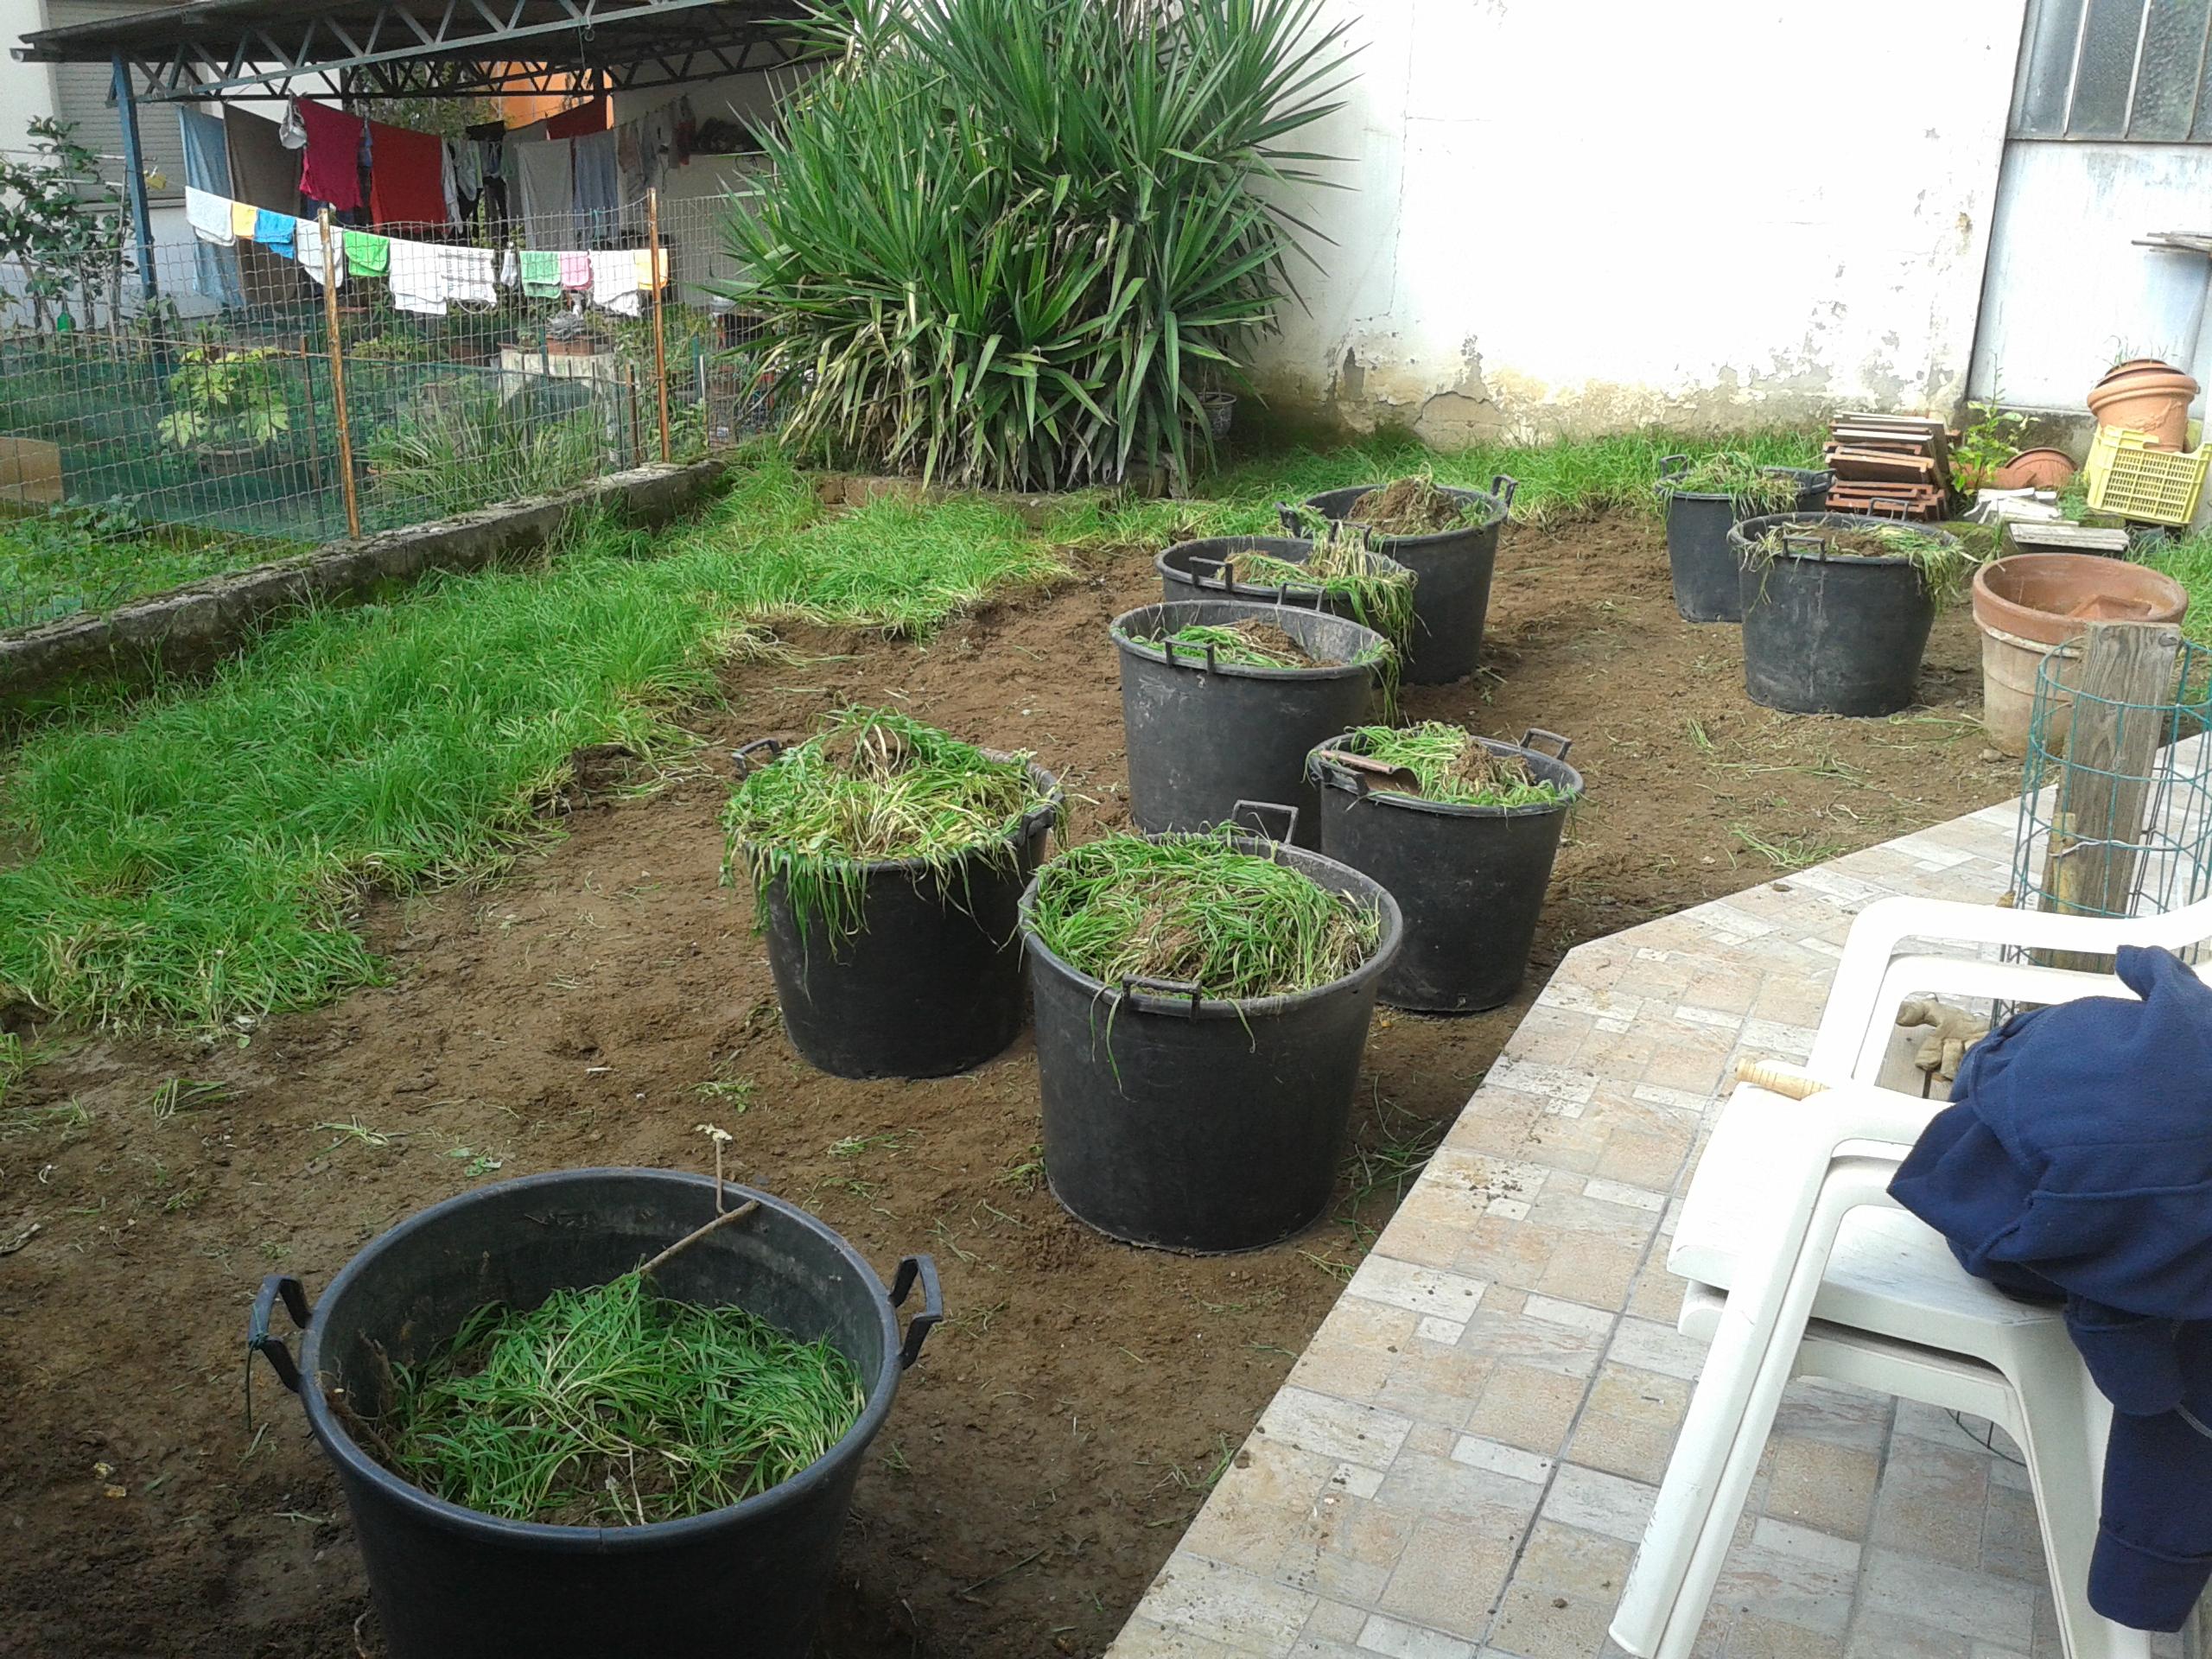 Mgr giardini di mochi simone realizzazione e manutenzione for Giardini piccoli